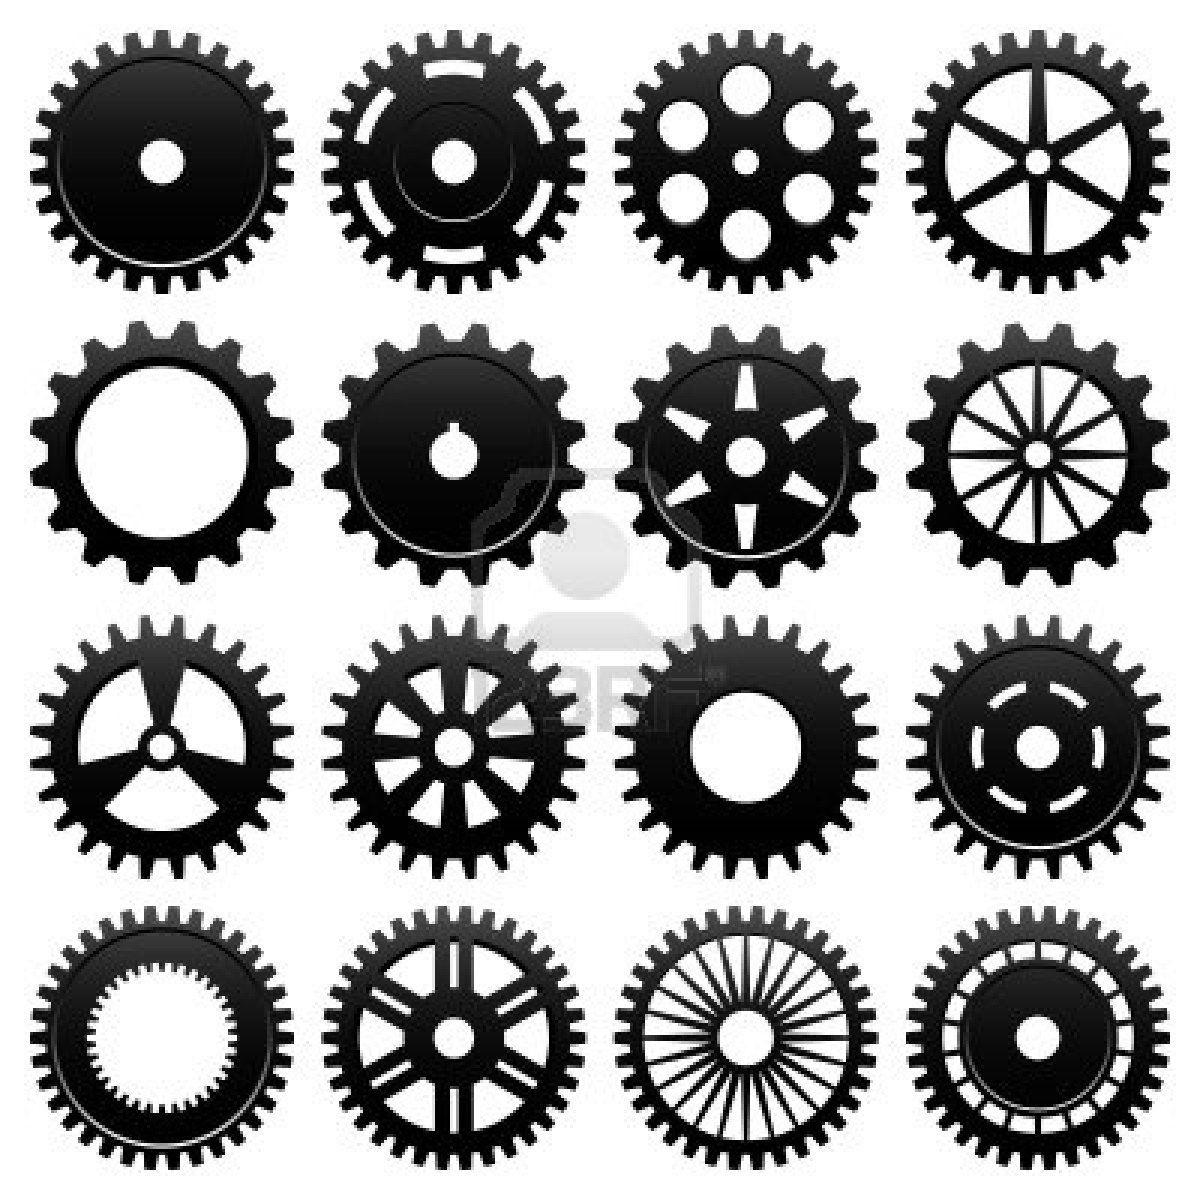 Machine Gear Wheel Cogwheel Vector Gear Tattoo Gear Wheels Gear Template